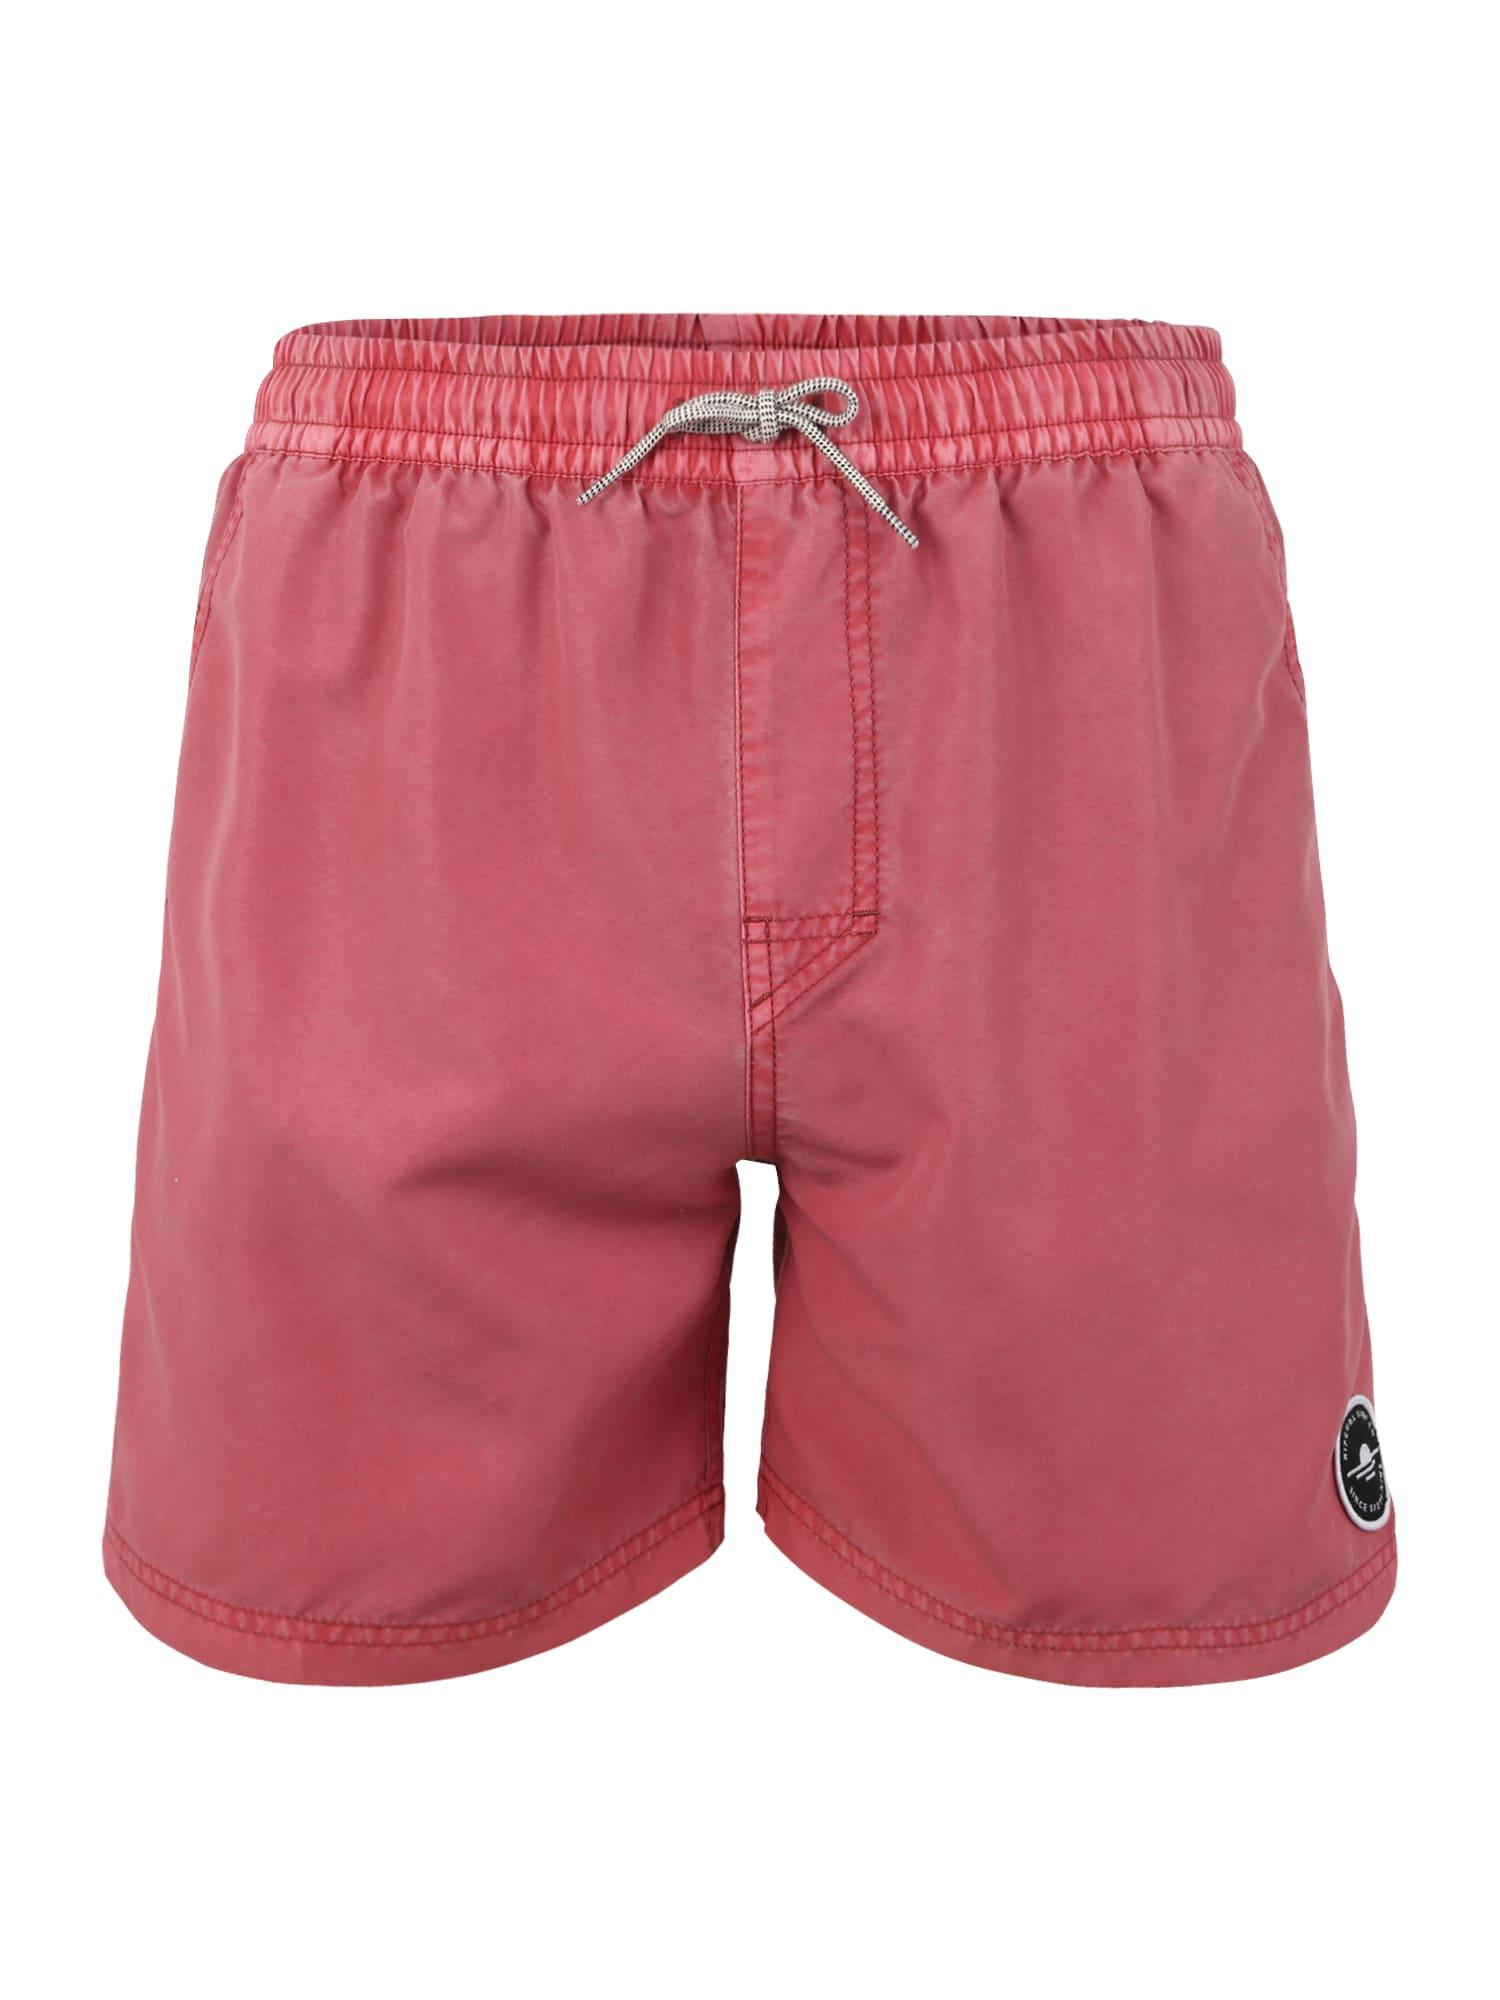 Plavecké šortky VOLLEY SUNSET SHADES 16 červená RIP CURL